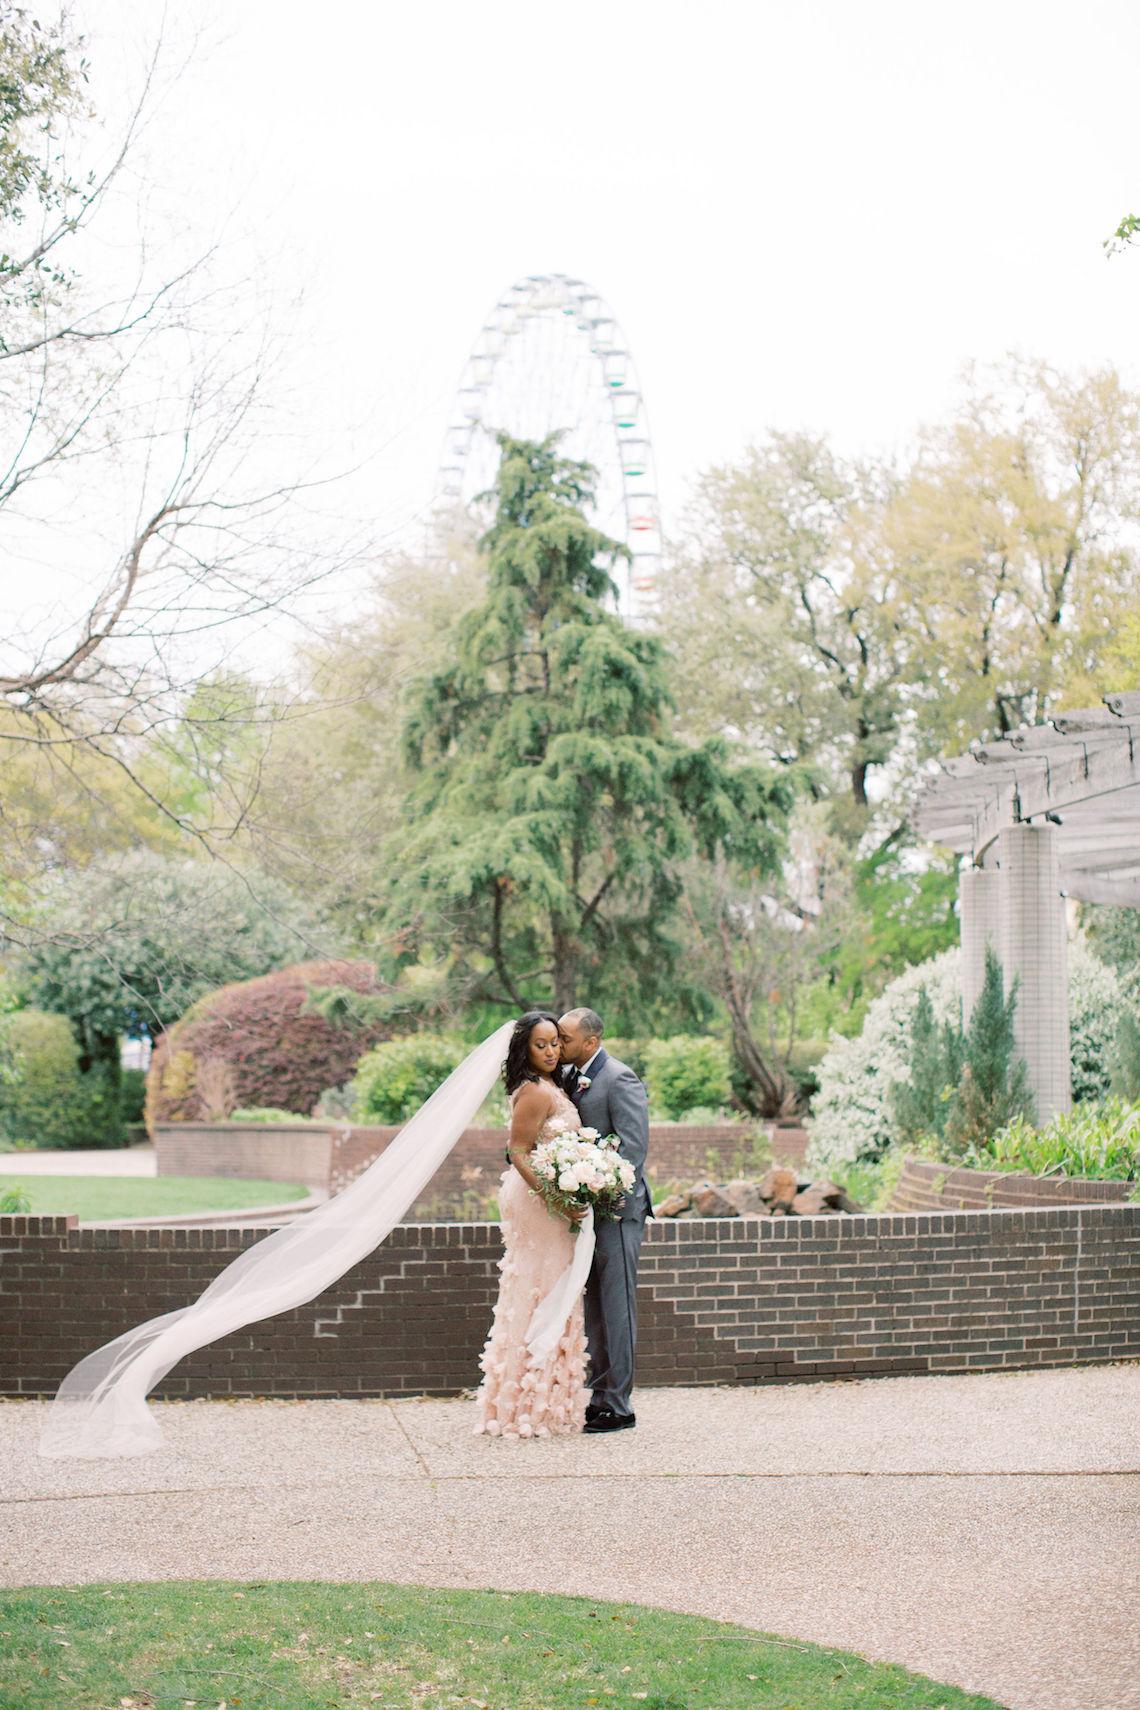 Pretty Texas Garden Wedding With A Blush Pink Wedding Dress – Deven Ashley 26